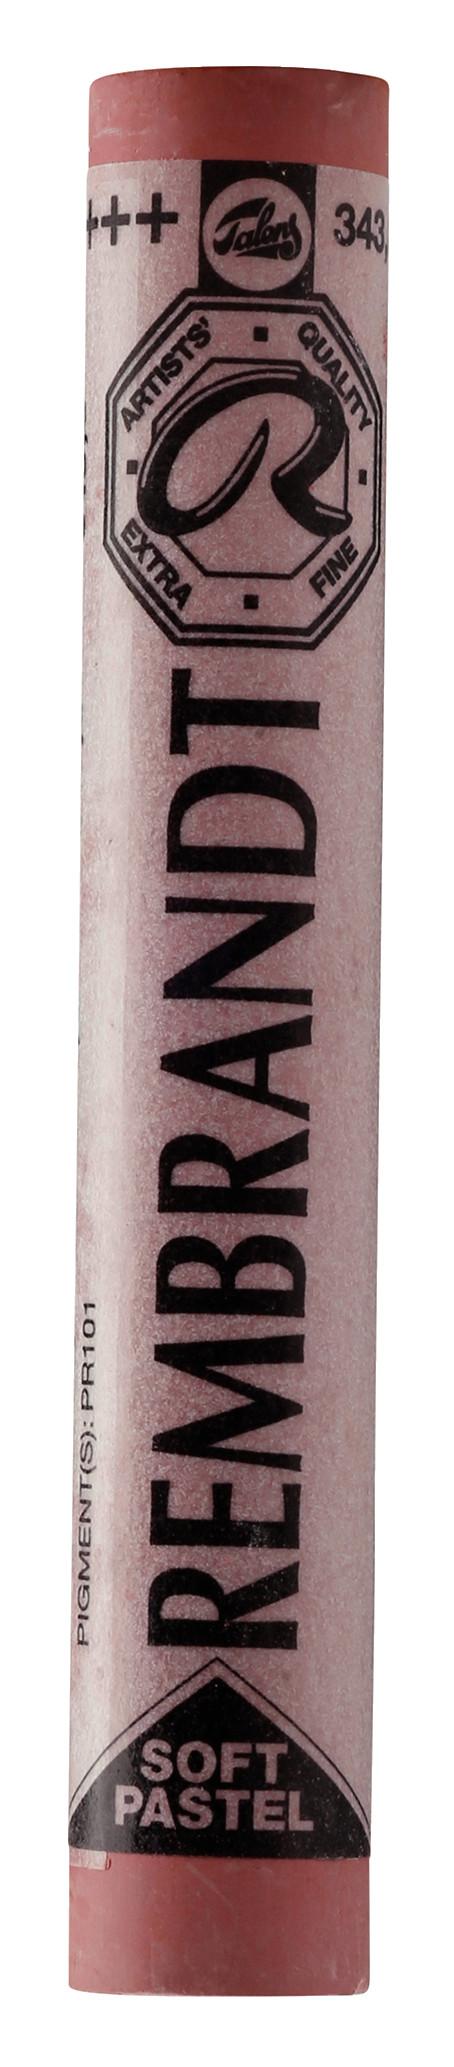 Rembrandt Soft Pastel Round Full Stick Caput Mortuum Violet(8) (343.8)